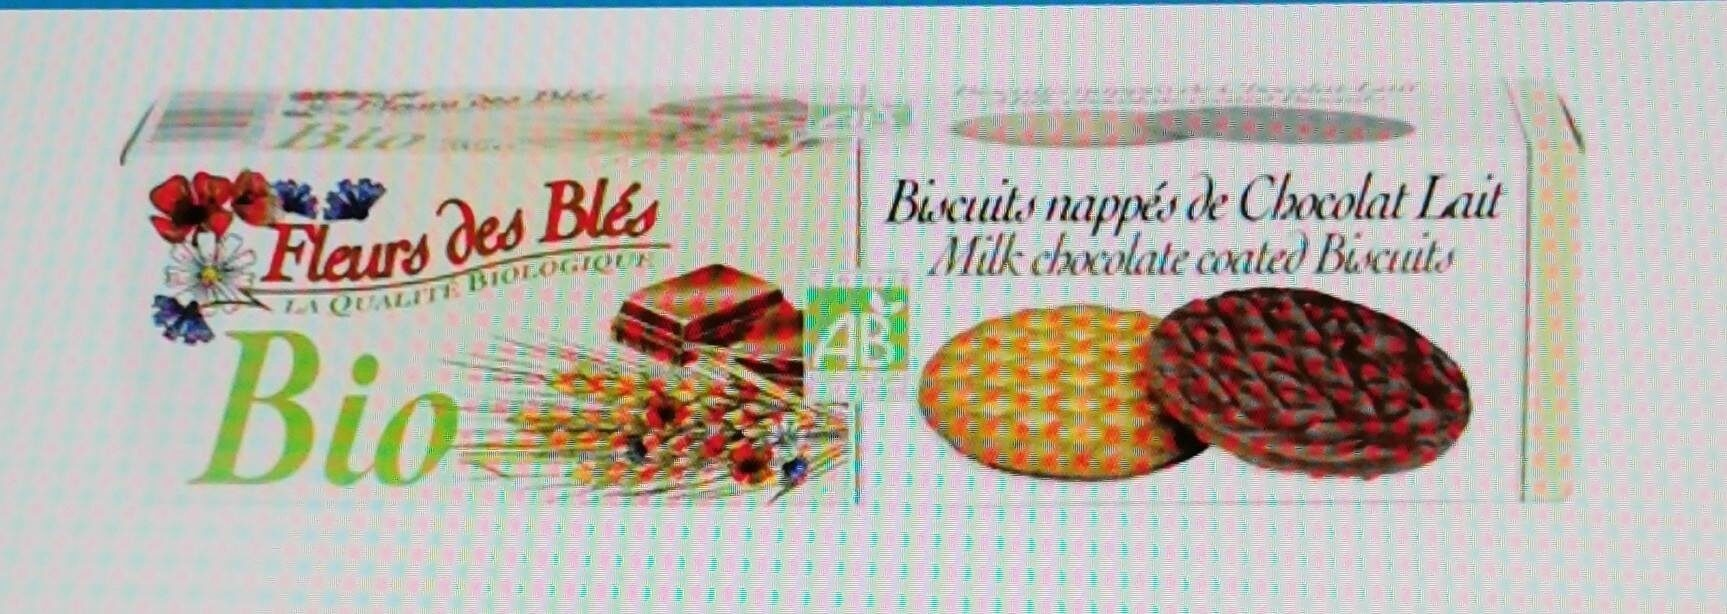 Biscuits nappés de chocolat lait - Product - fr